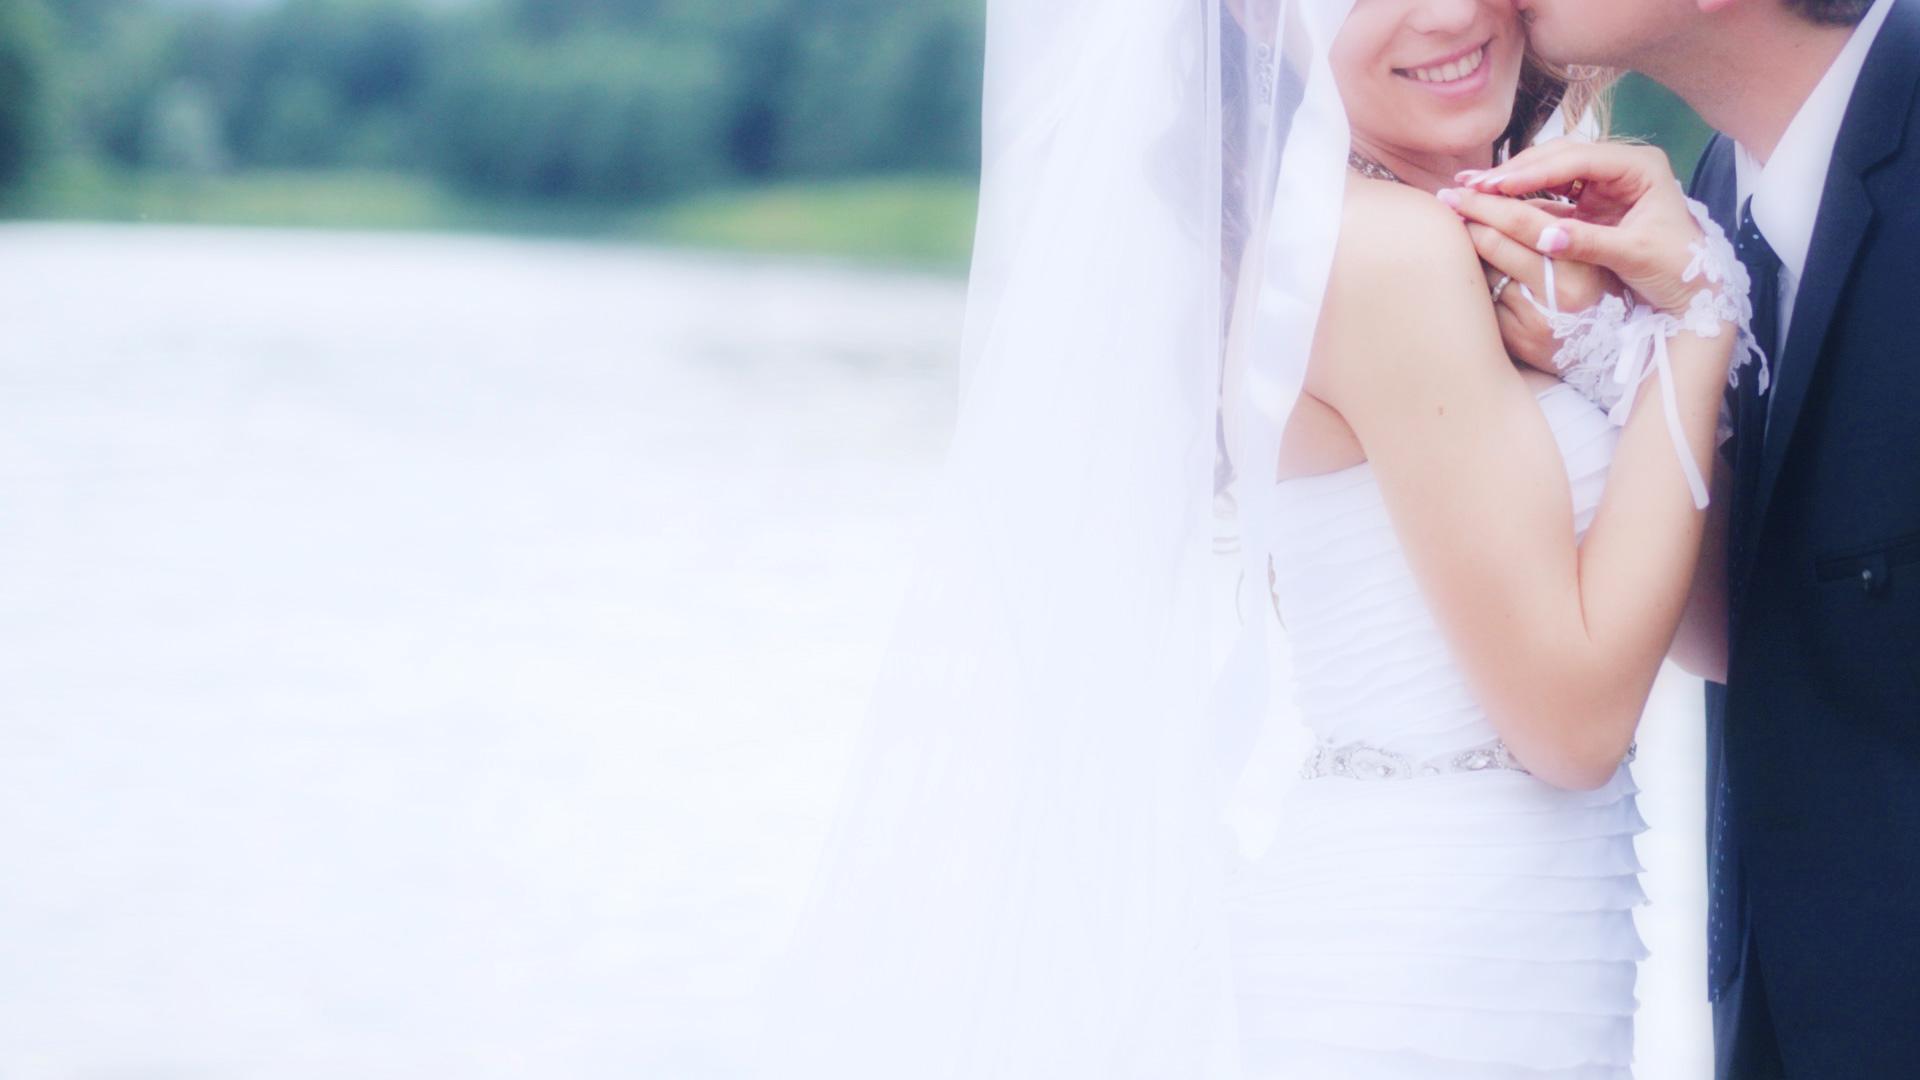 ブライダルのイメージ写真。ウエディングドレスの新婦が湖をバックに新郎と手をつなぎ頬にキスされ幸せを感じる美しいシーン